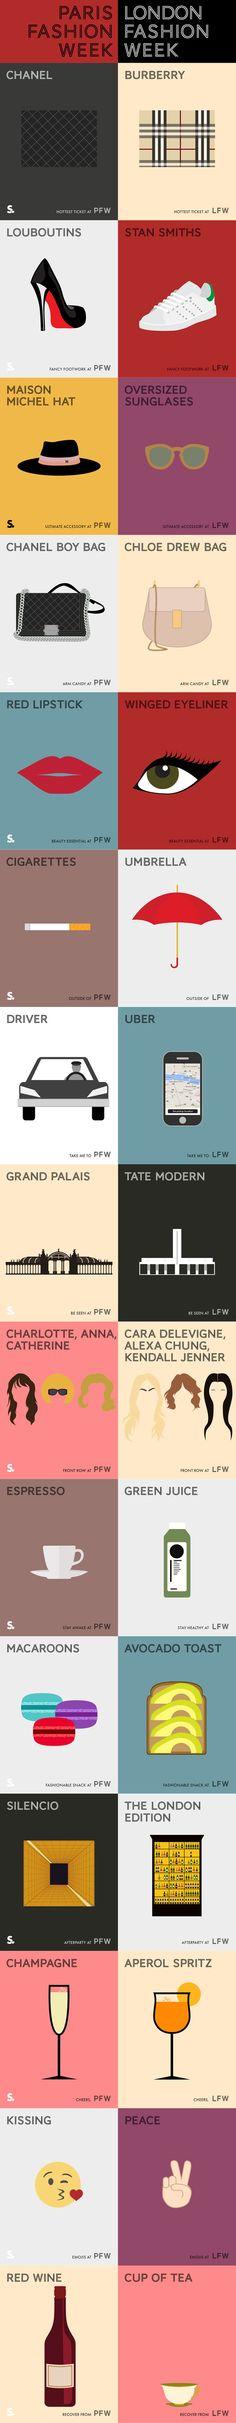 Mode face-off: Paris vs Londres | Stylist Magazine